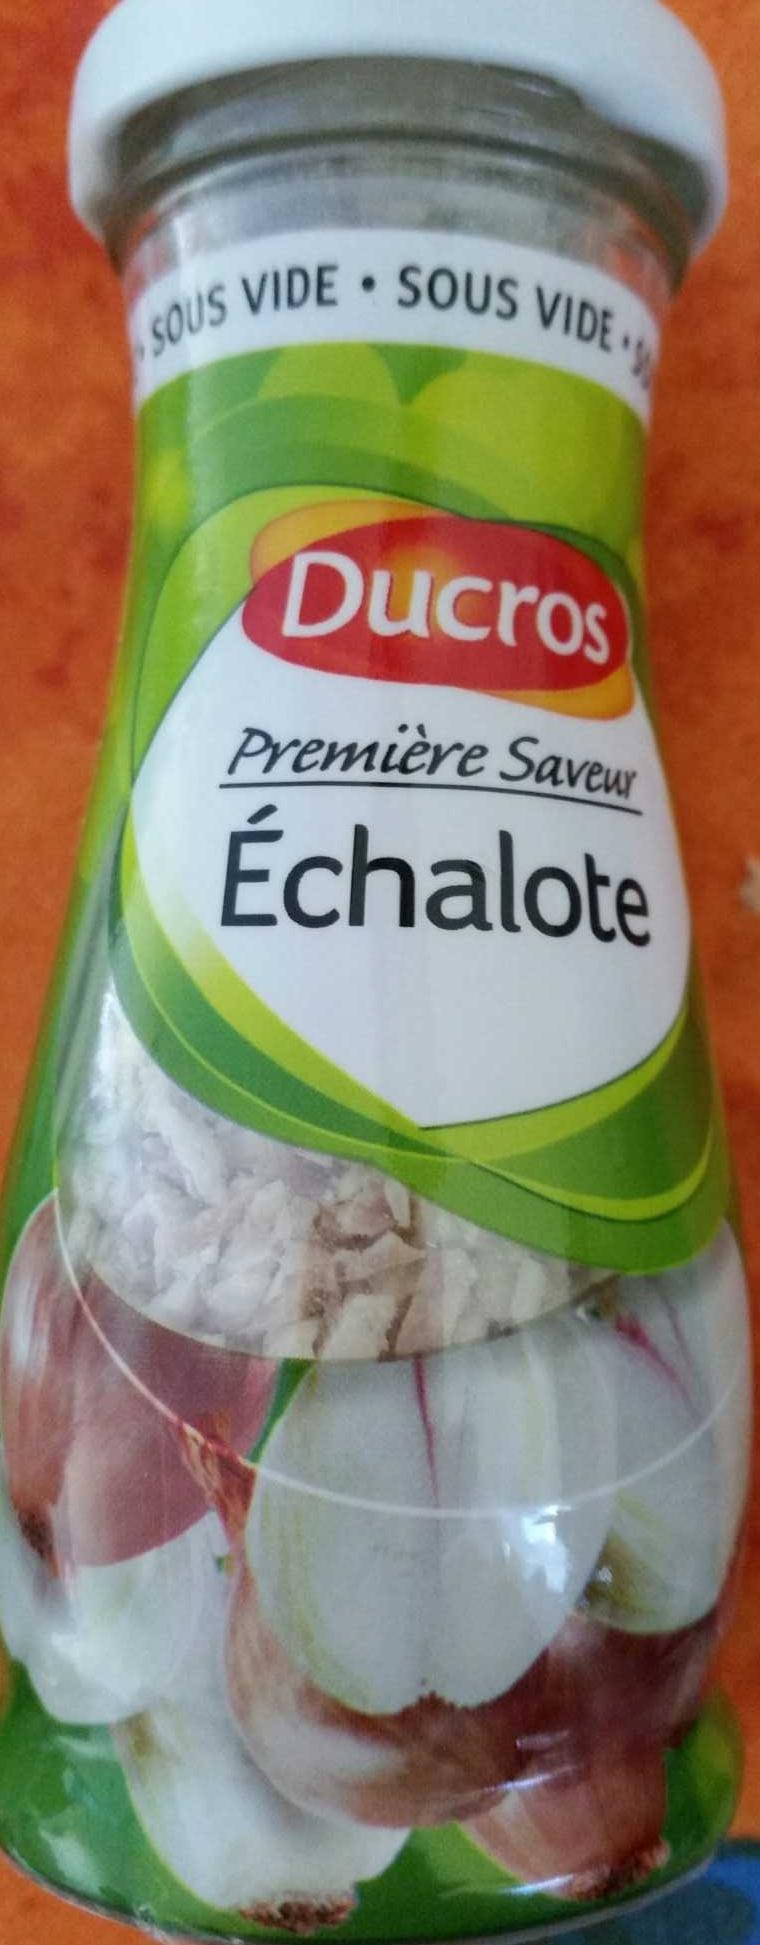 Échalote première saveur - Product